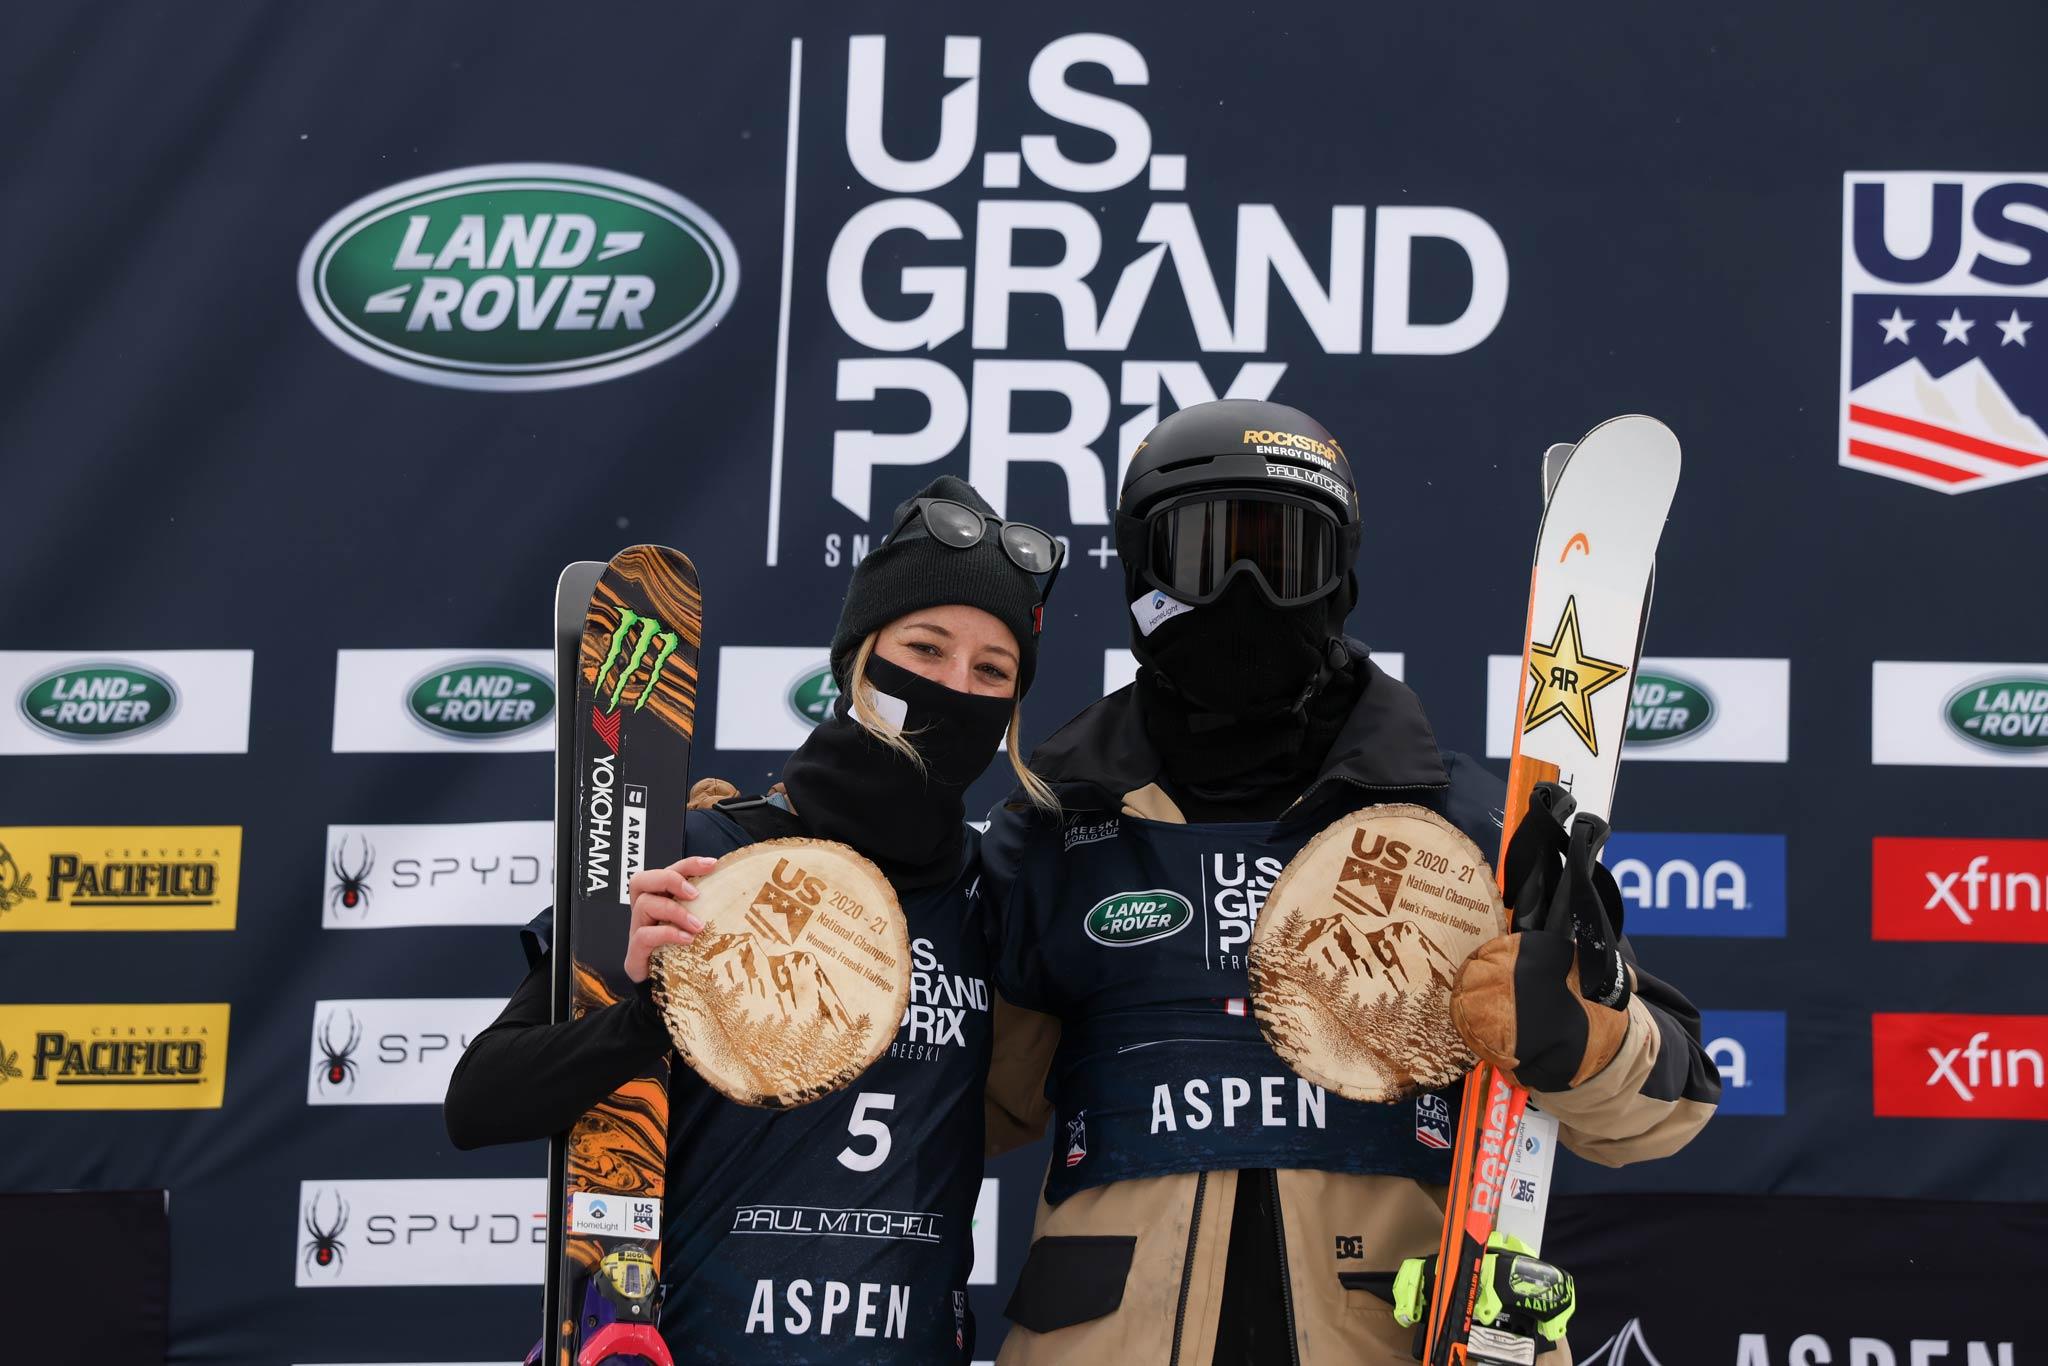 Die beiden Gewinner vom Halfpipe Weltcup in Aspen 2021: Rachael Karker und Aaron Blunck.